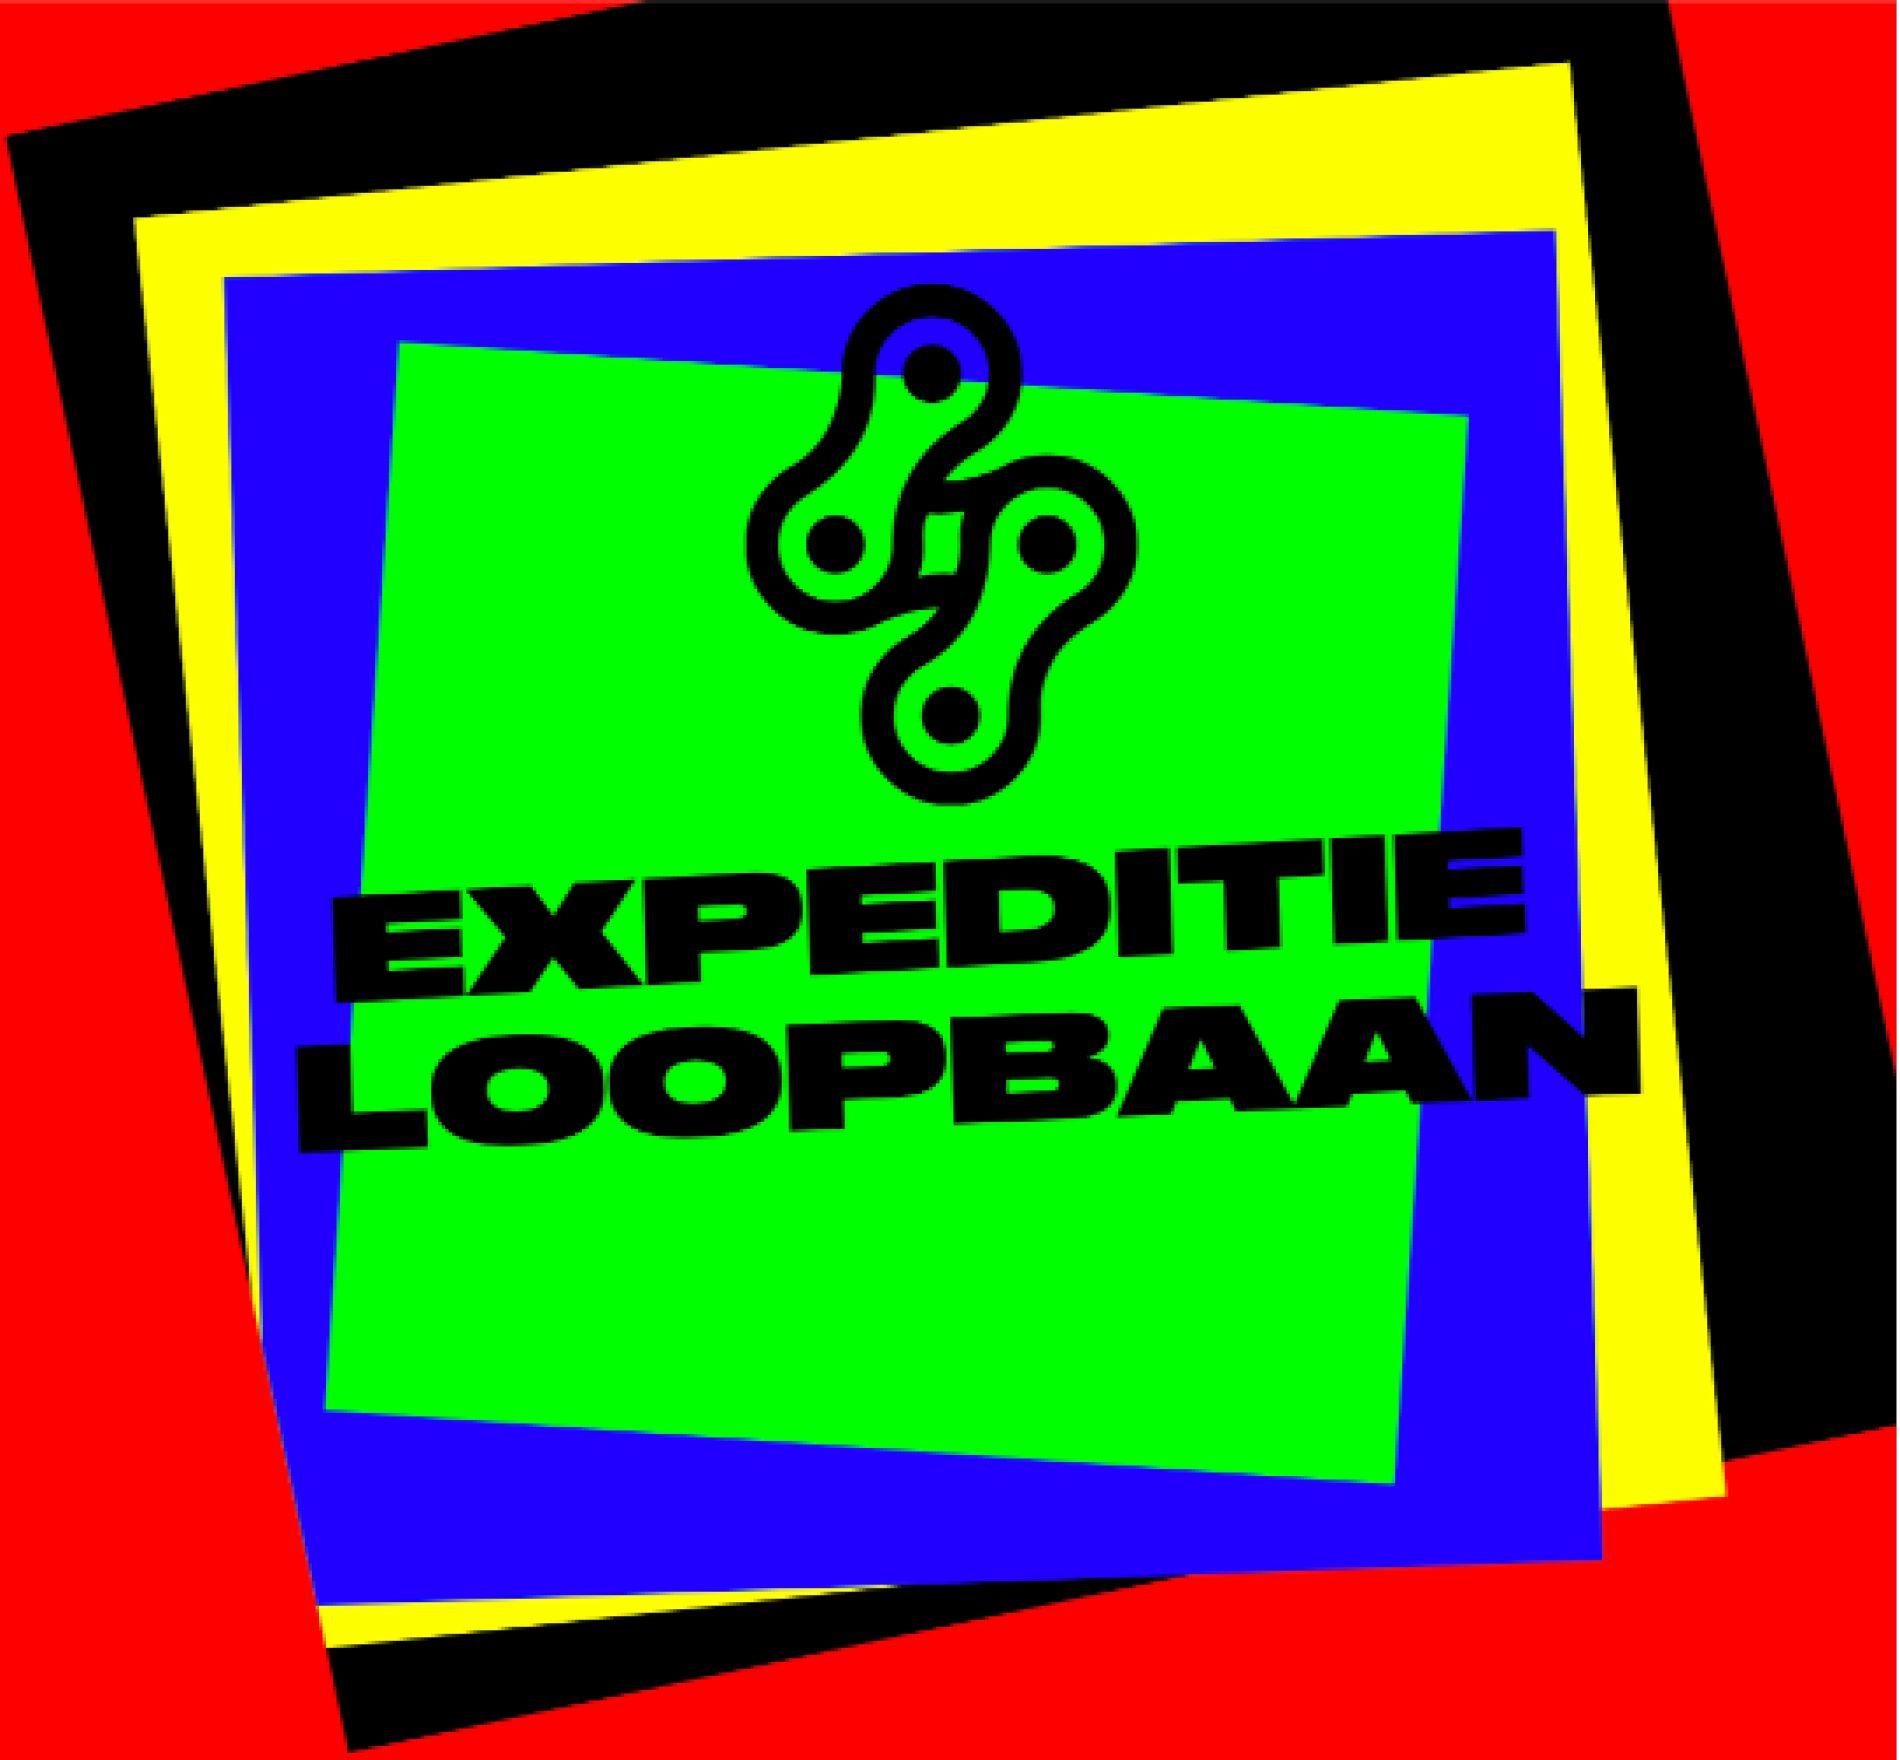 Expeditie Loopbaan